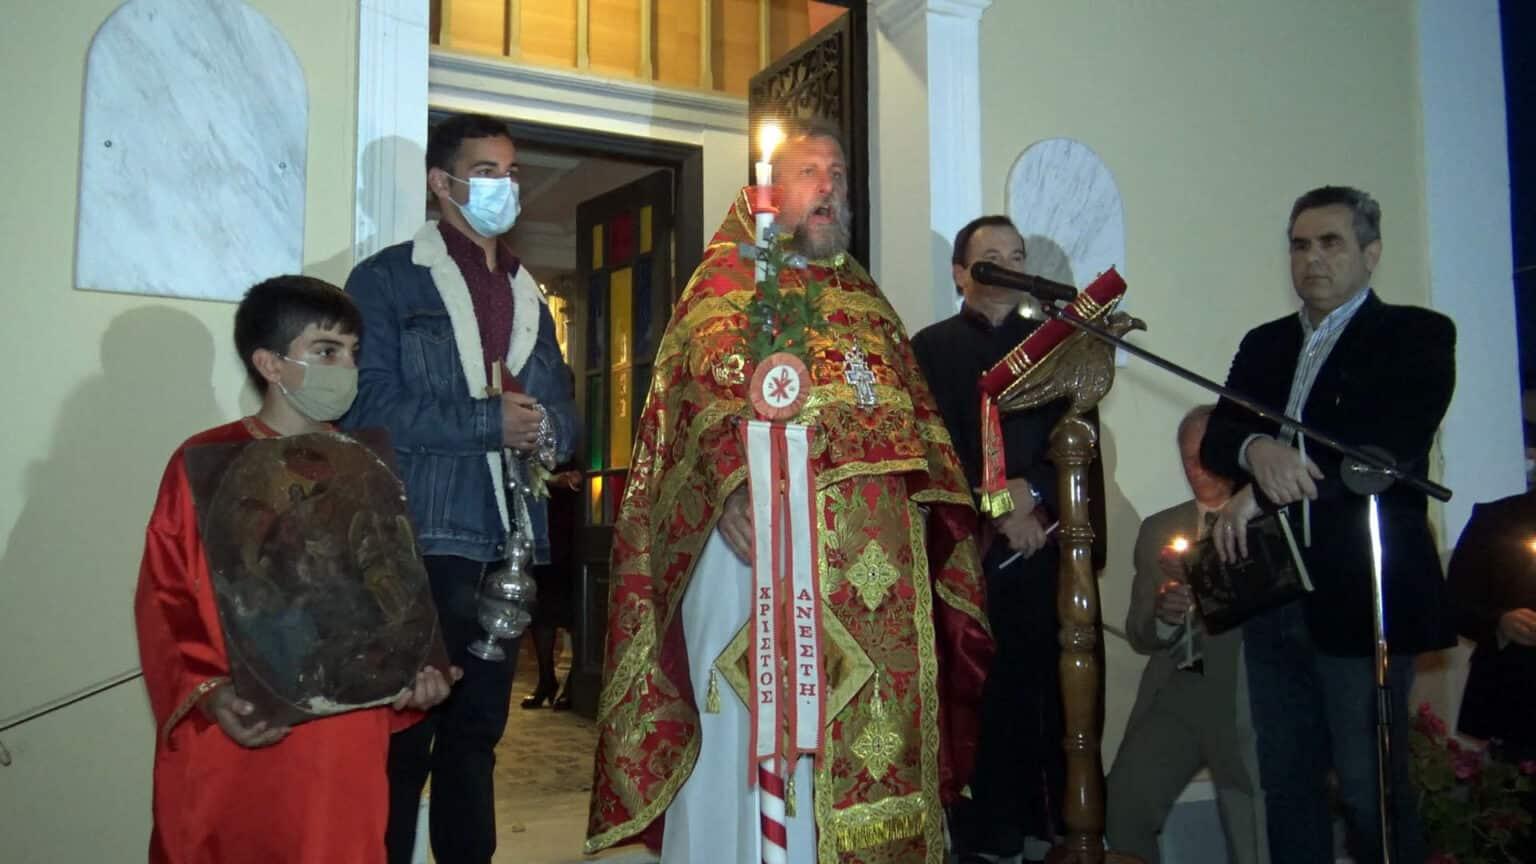 Ζάκυνθος: Ανάσταση 2021 στον Ιερό Ναό Παναγίας Φανερωμένης Βανάτου [βίντεο]